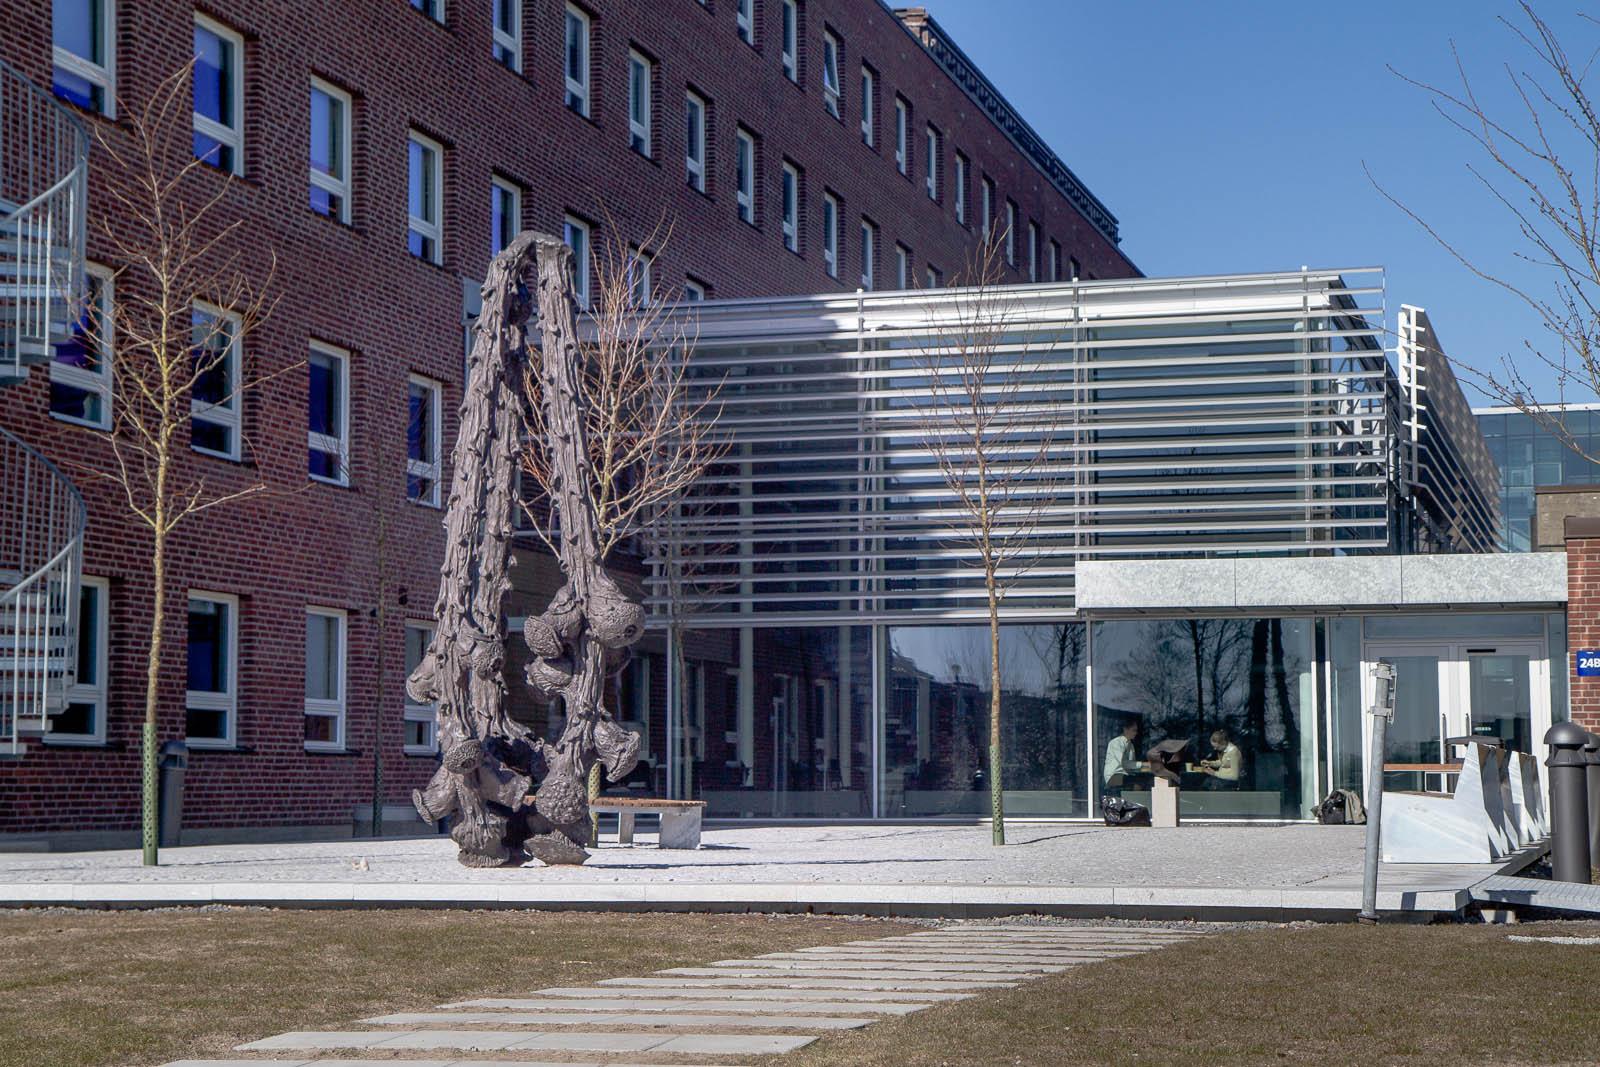 Bronsskulptur utanför tegelbyggnad. Dess tre armar påminner om grenar som möts i toppen. Carl Boutard, Into The Wild (2013)